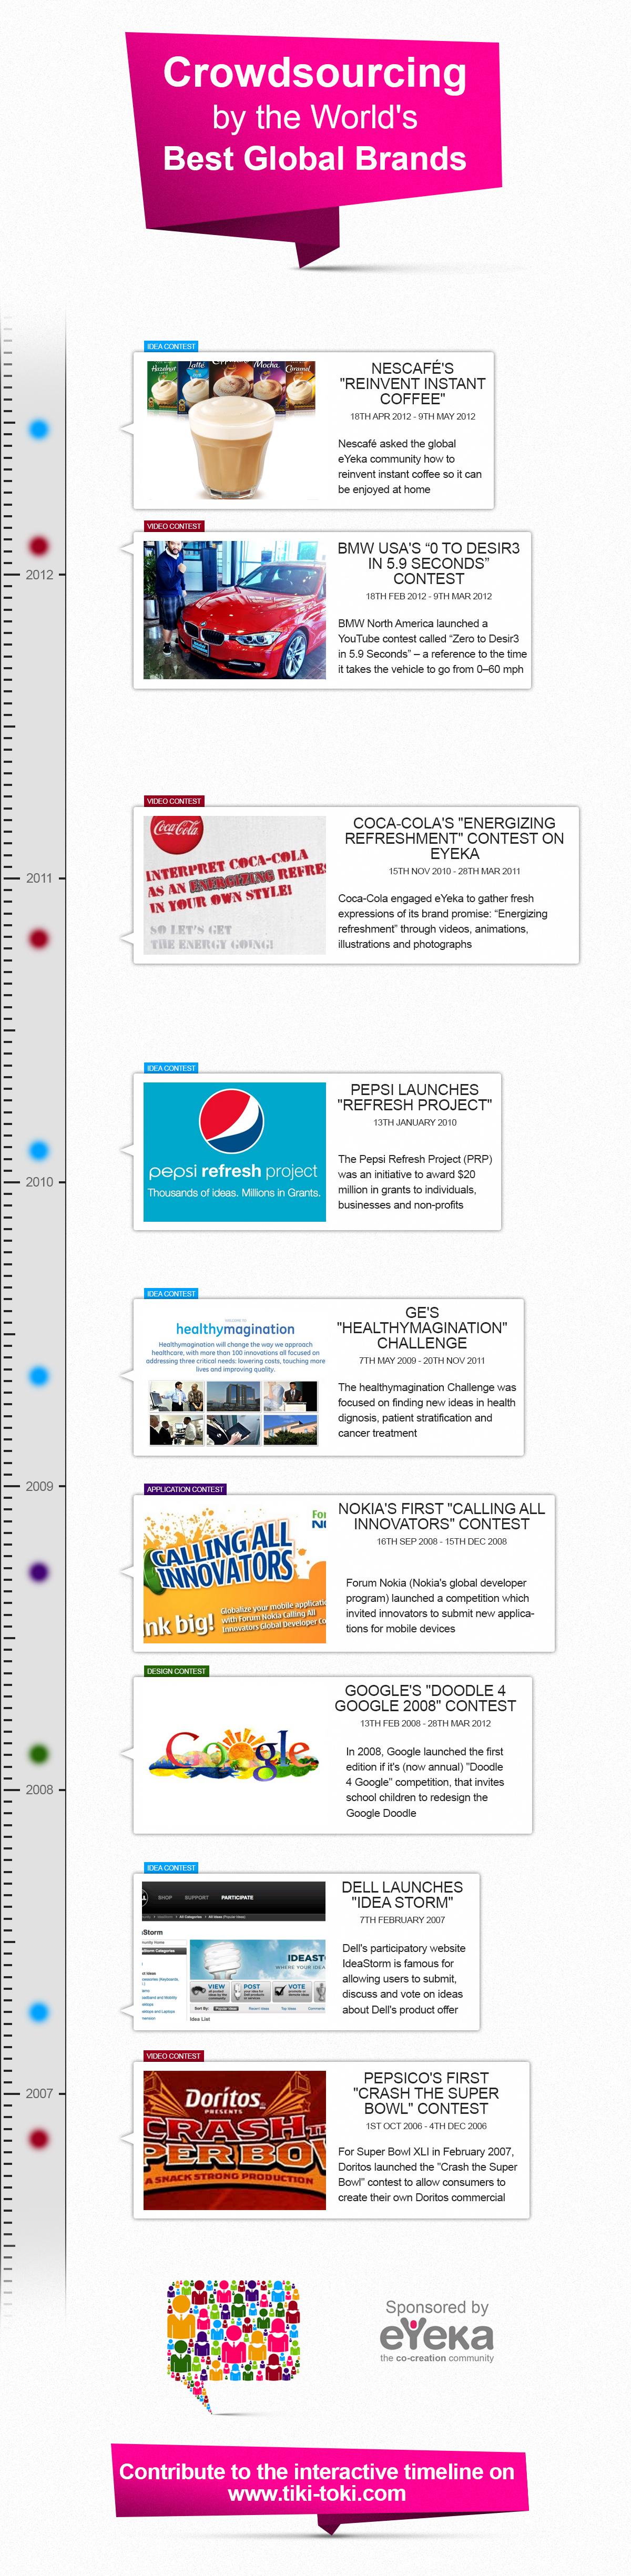 ejemplos-de-crowdsourcing-en-el-mundo-las-marcas-que-mejor-lo-hacen-infografia-en-espanol